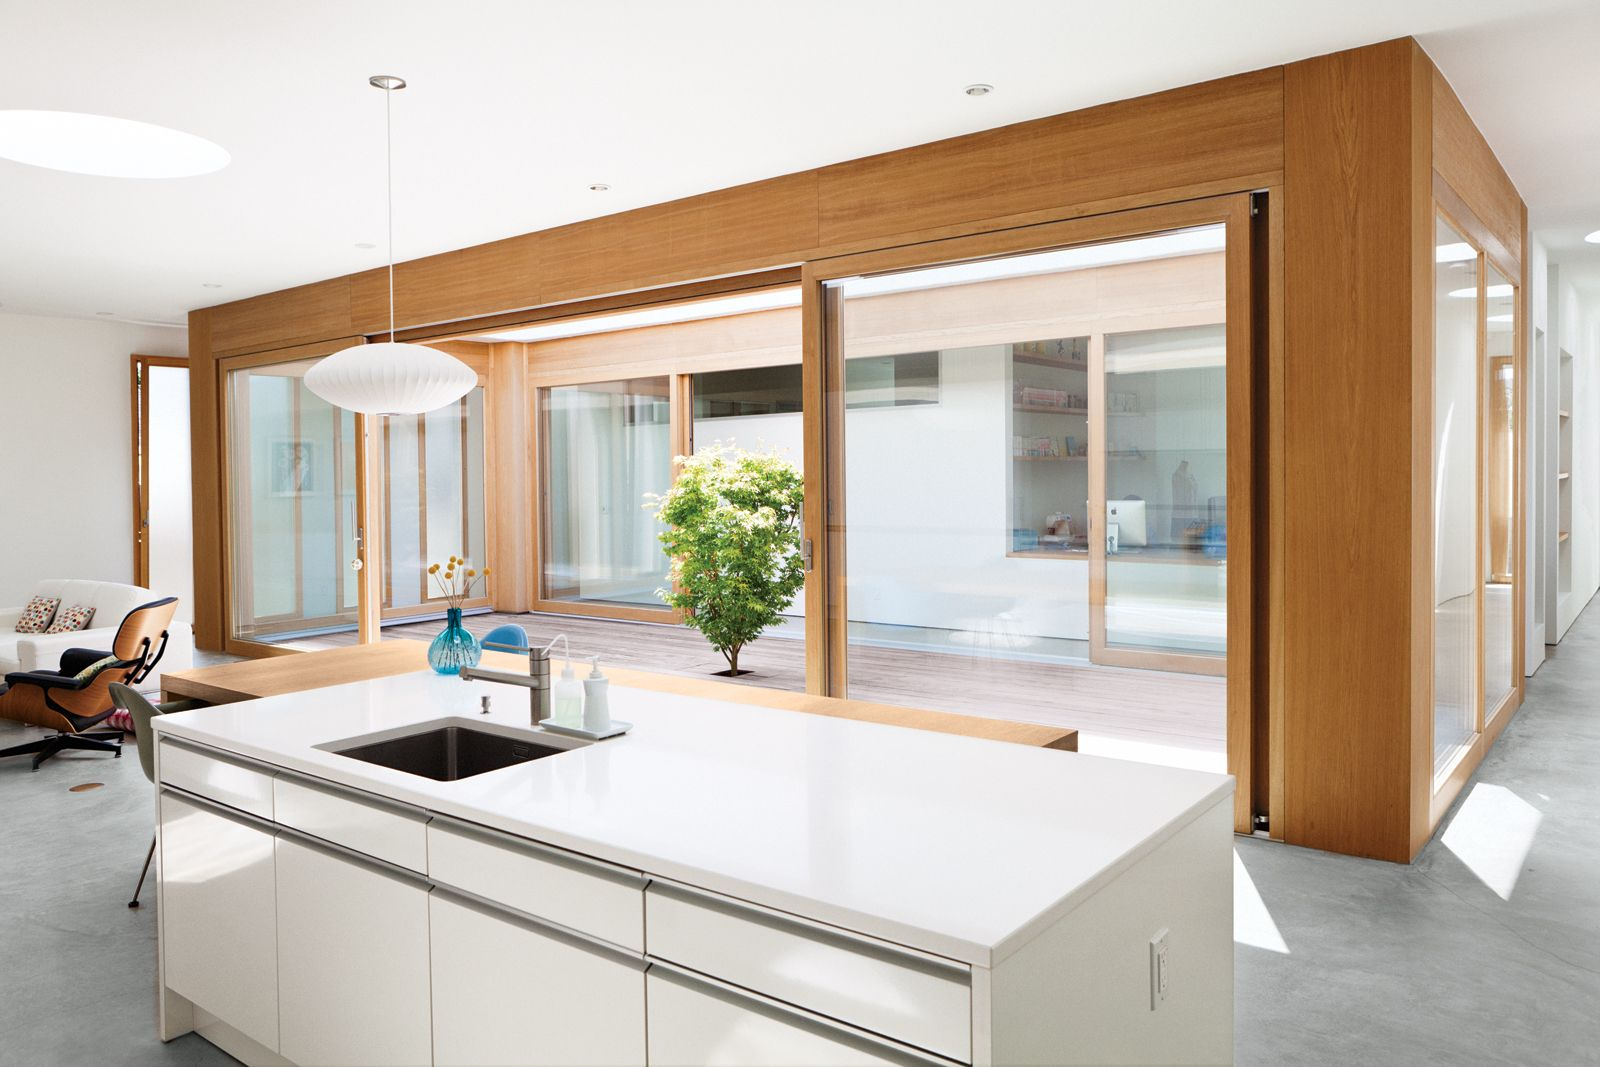 shozi-residence-kitchen-living-room-courtyard